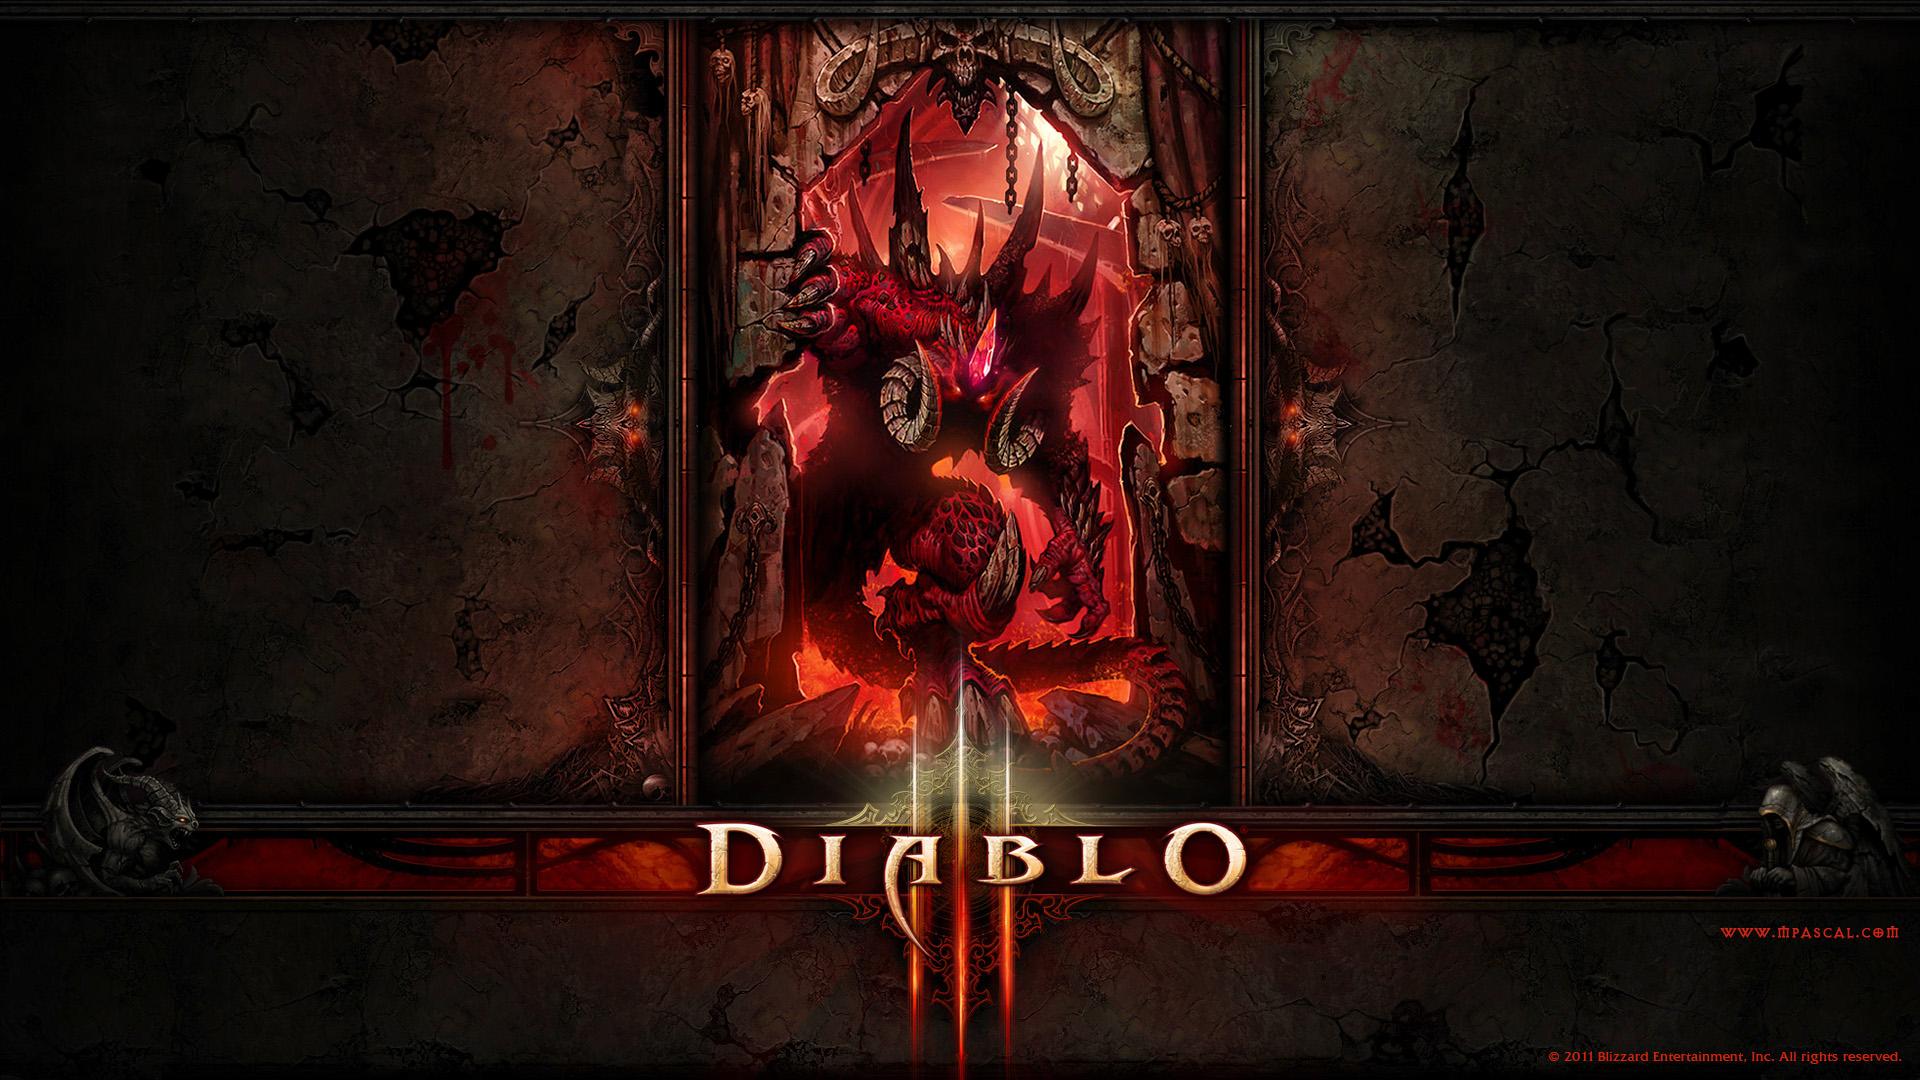 Diablo 3 wallpaper by Panperkin on DeviantArt